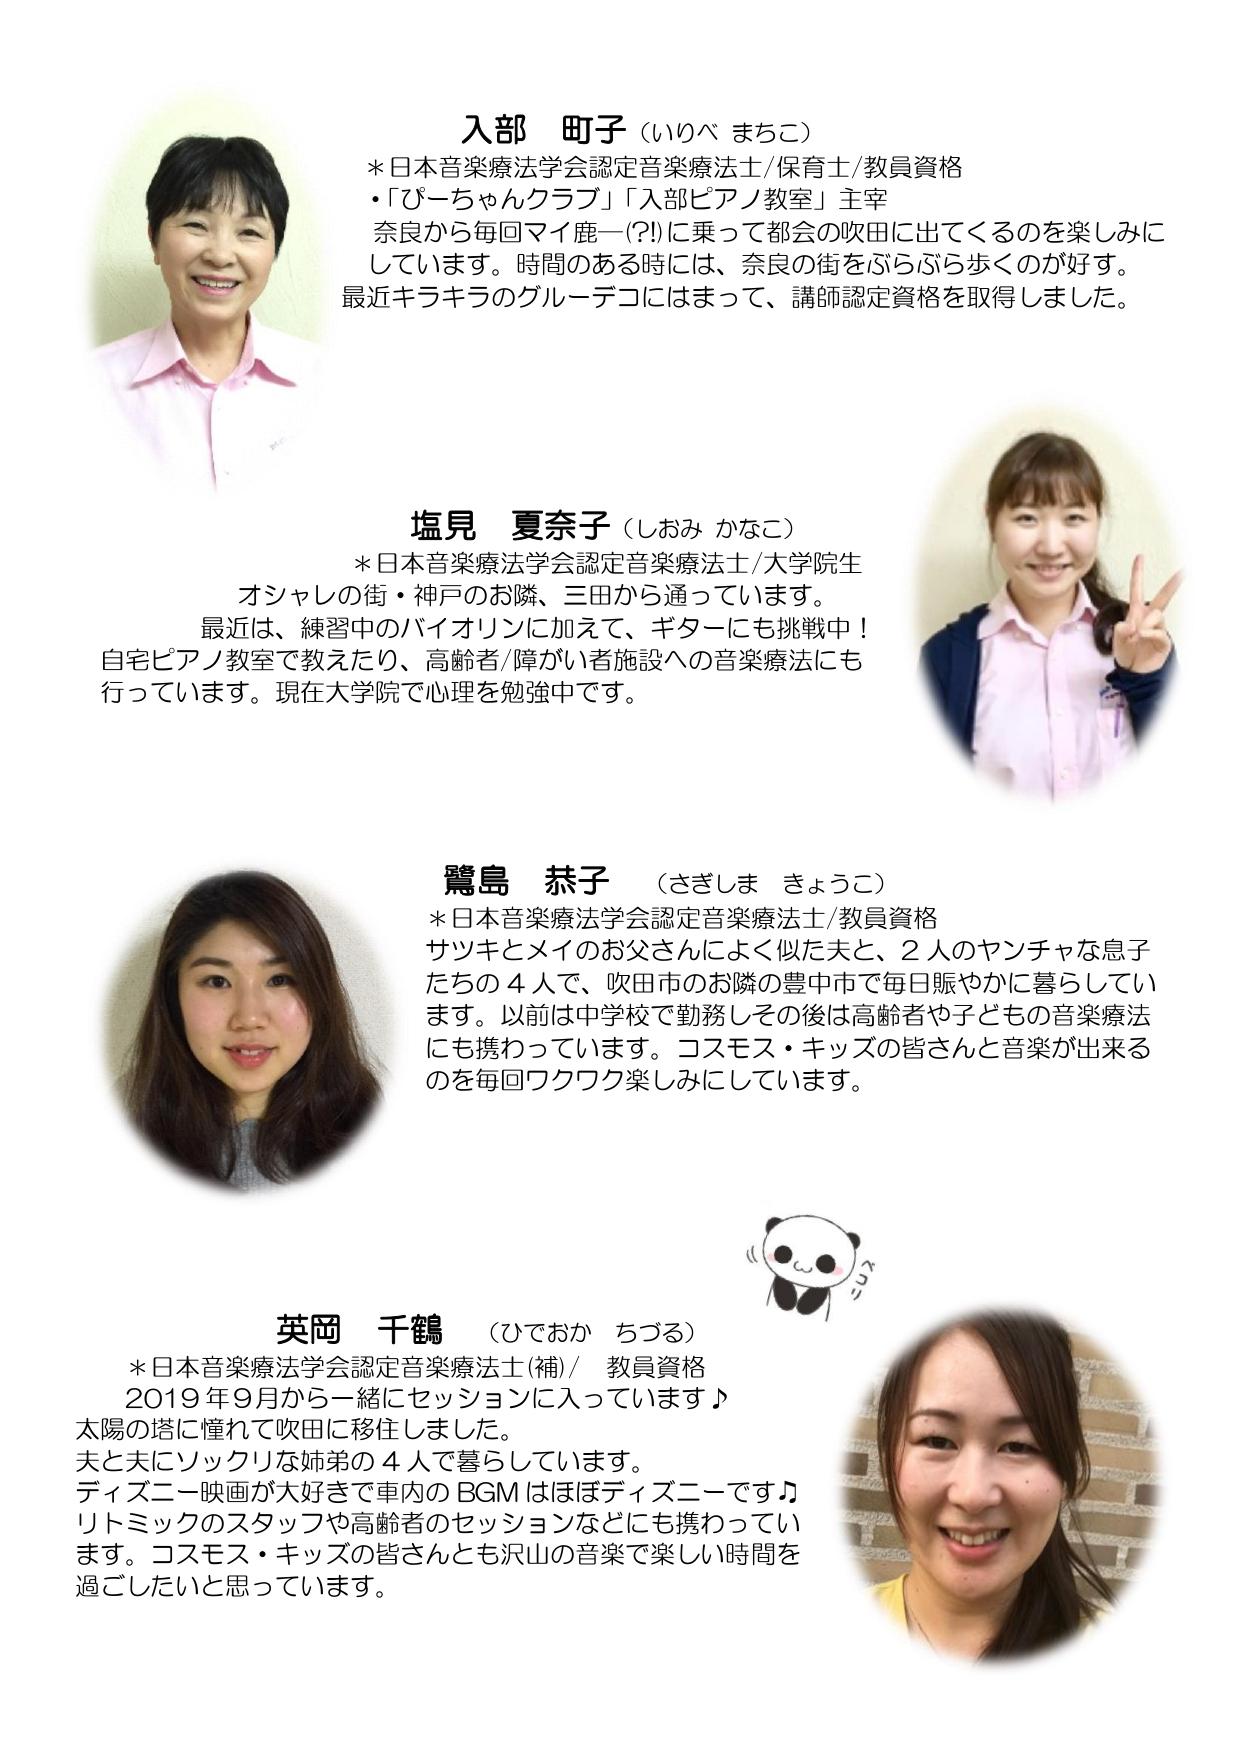 キッズスタッフ紹介(2020)_pages-to-jpg-0002[1]